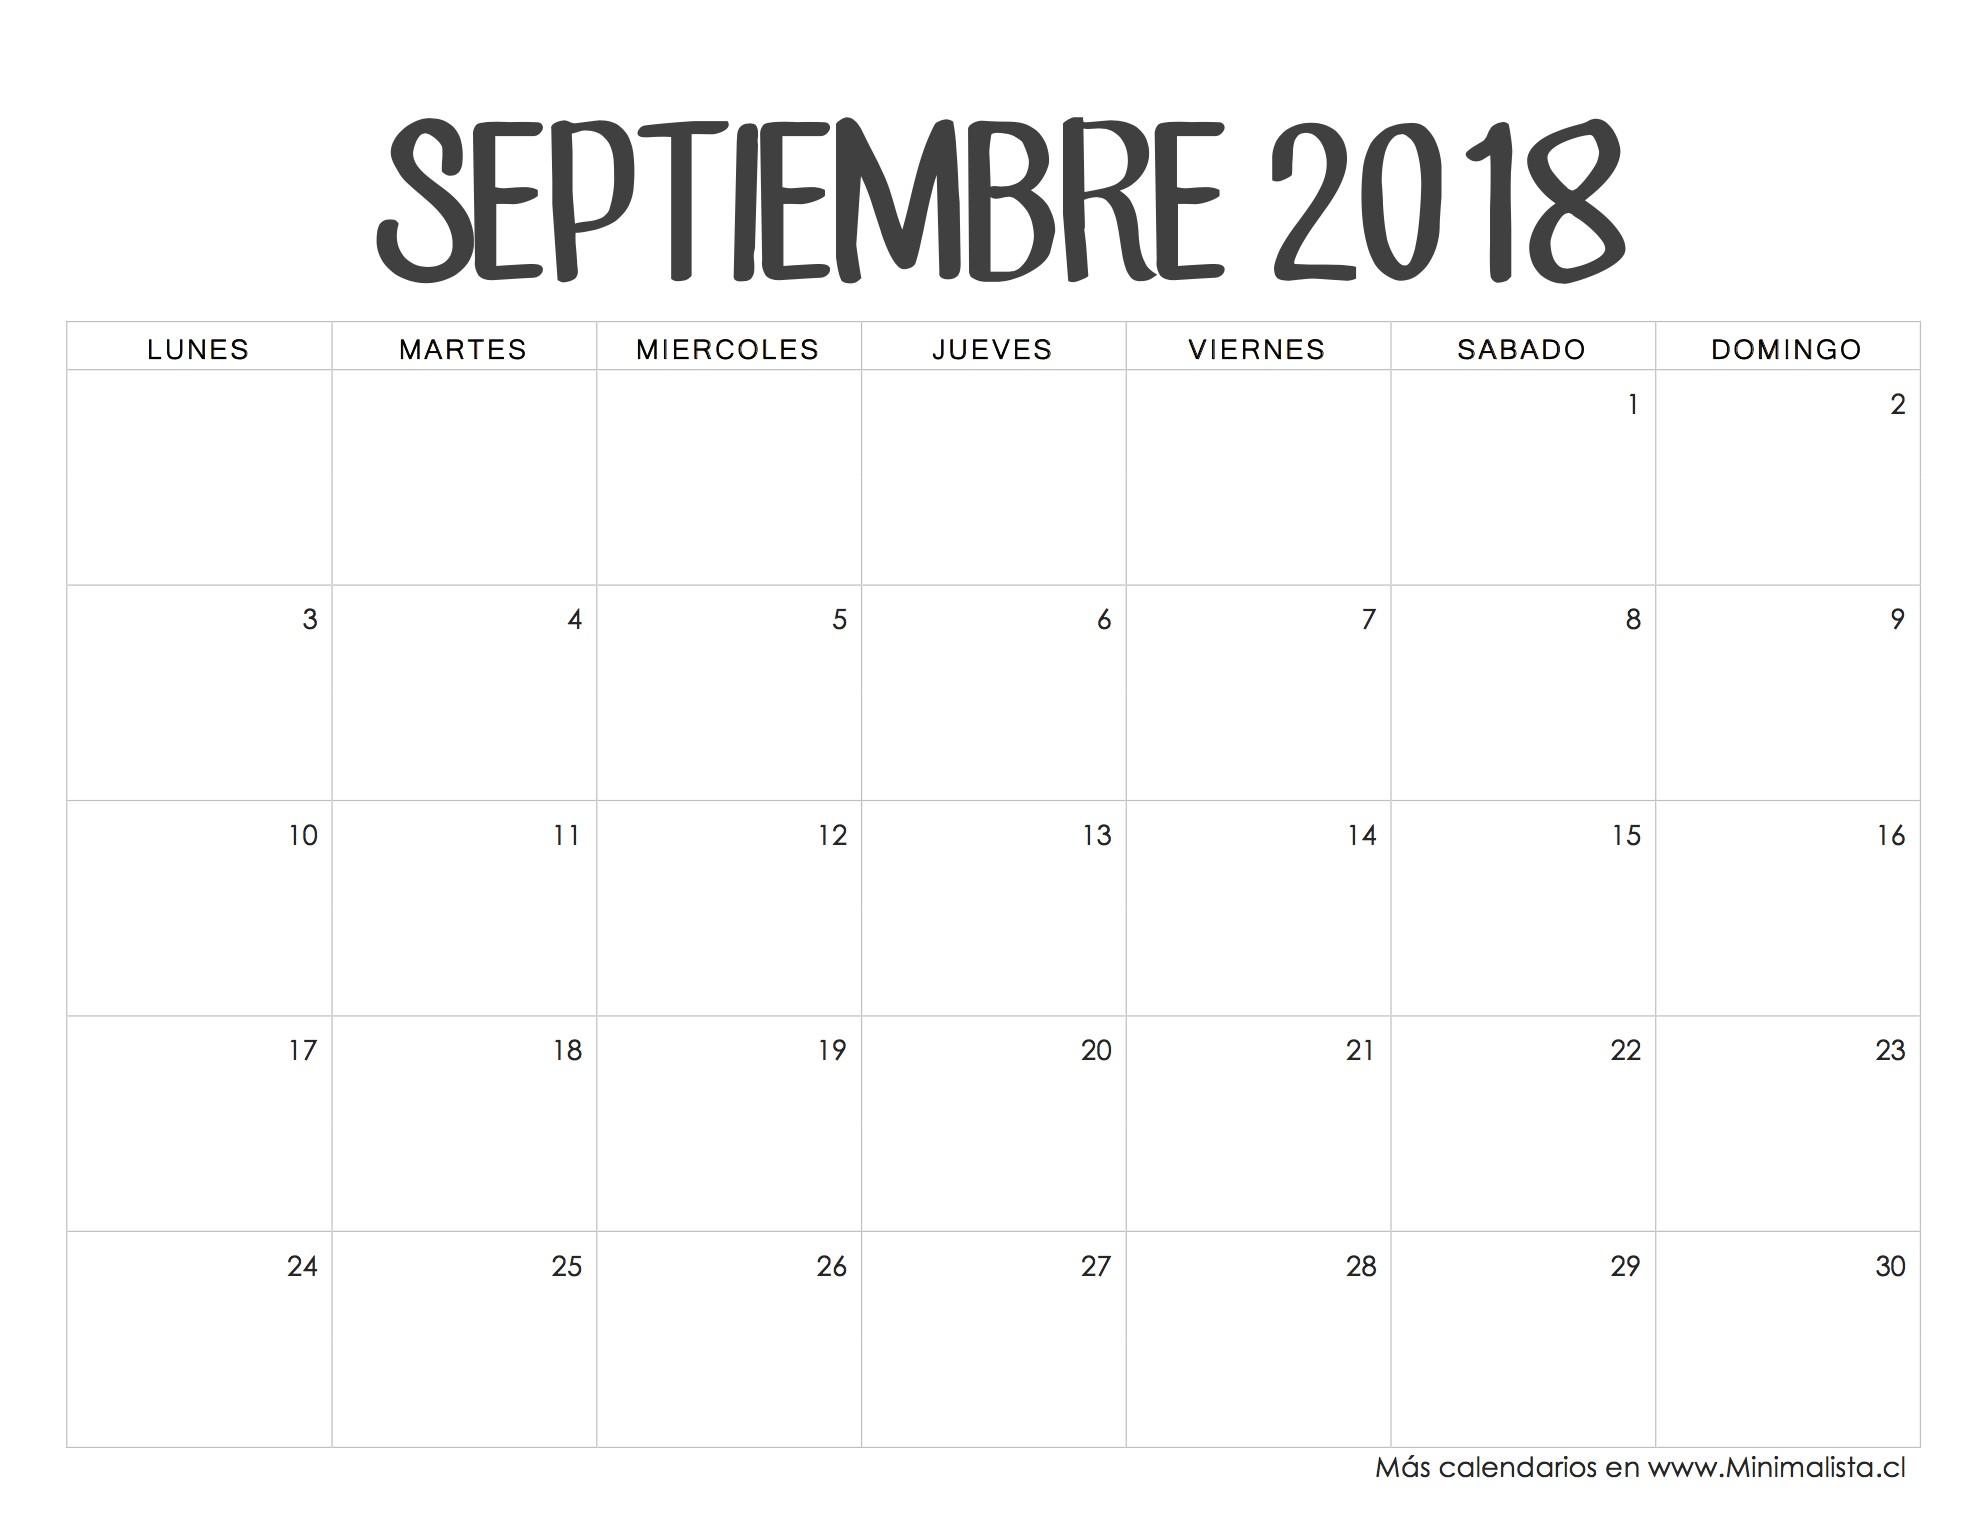 Calendario 2019 Chile Con Feriados Para Imprimir Pdf Más Actual Calendario Septiembre 2018 Creativity Pinterest Of Calendario 2019 Chile Con Feriados Para Imprimir Pdf Actual Calendario 2018 9 Fondo Calendario May Blanco Csp Simple